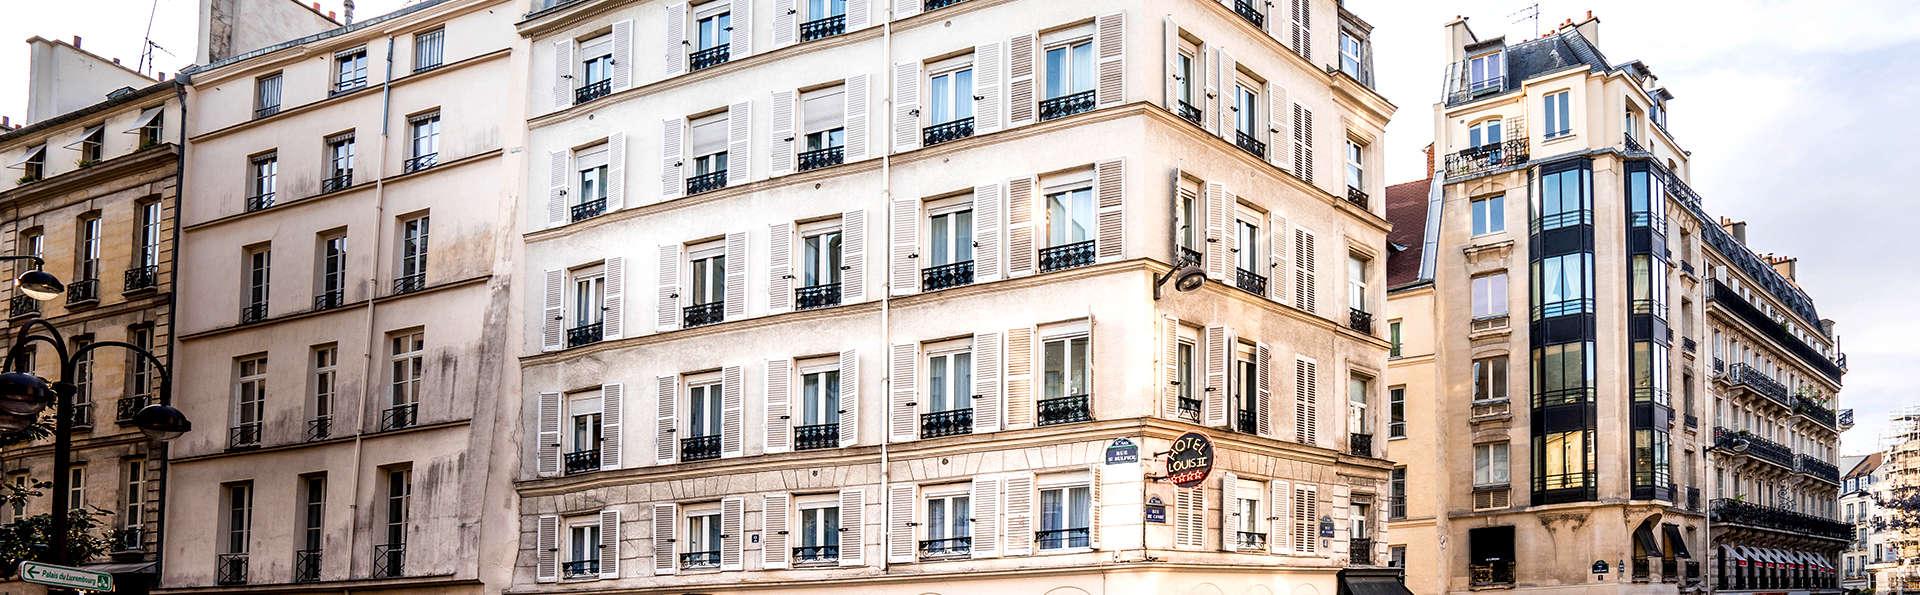 Hôtel Louis II  - Edit_Front2.jpg